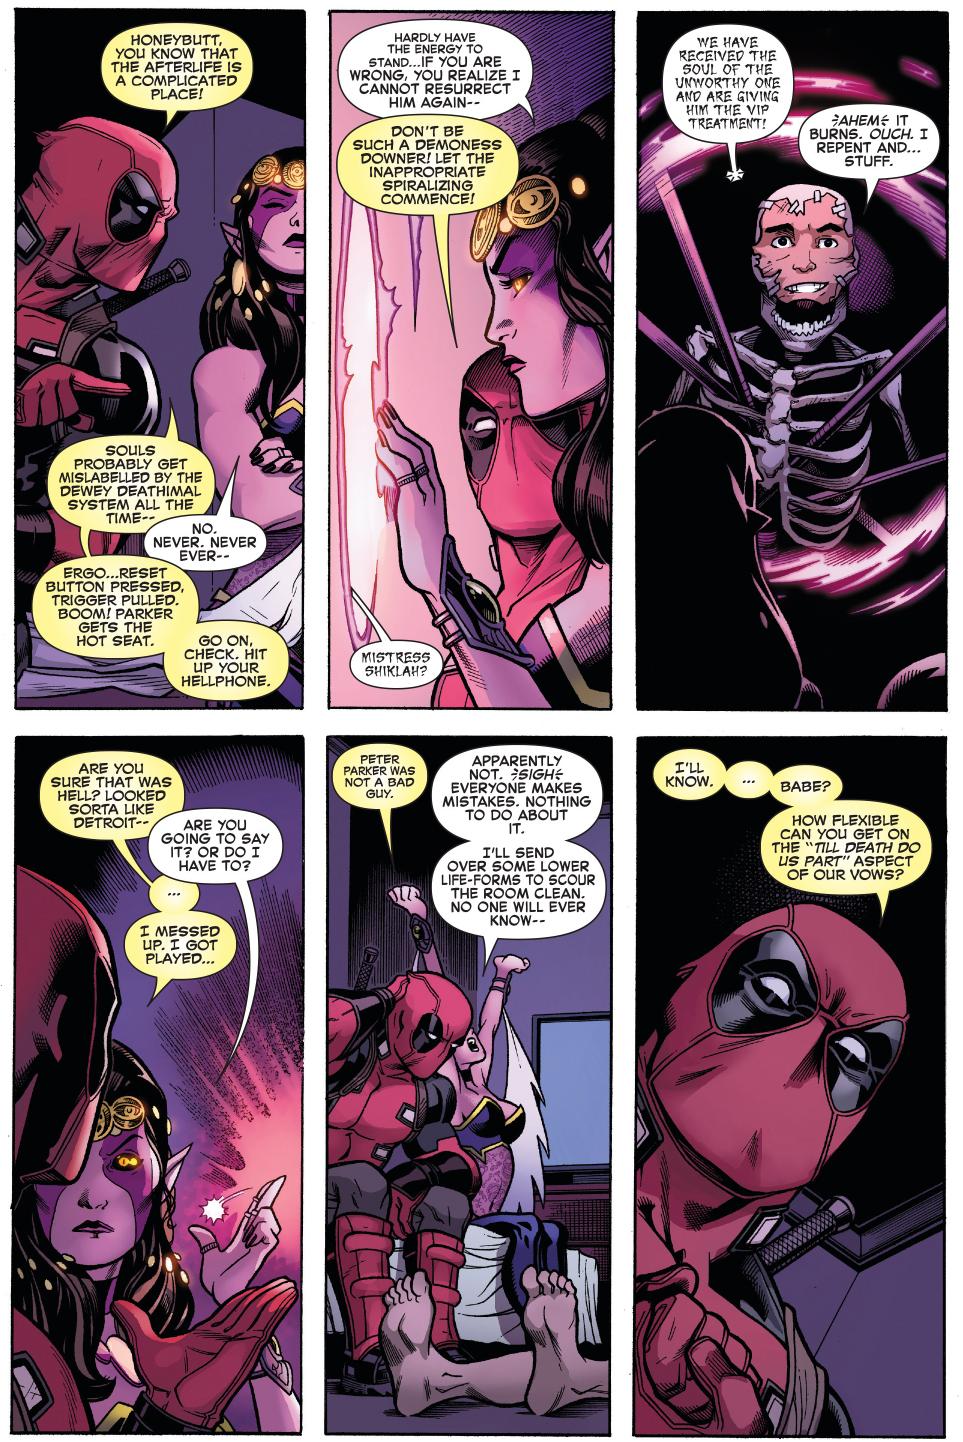 Deadpool Shoots Peter Parker With A Shotgun